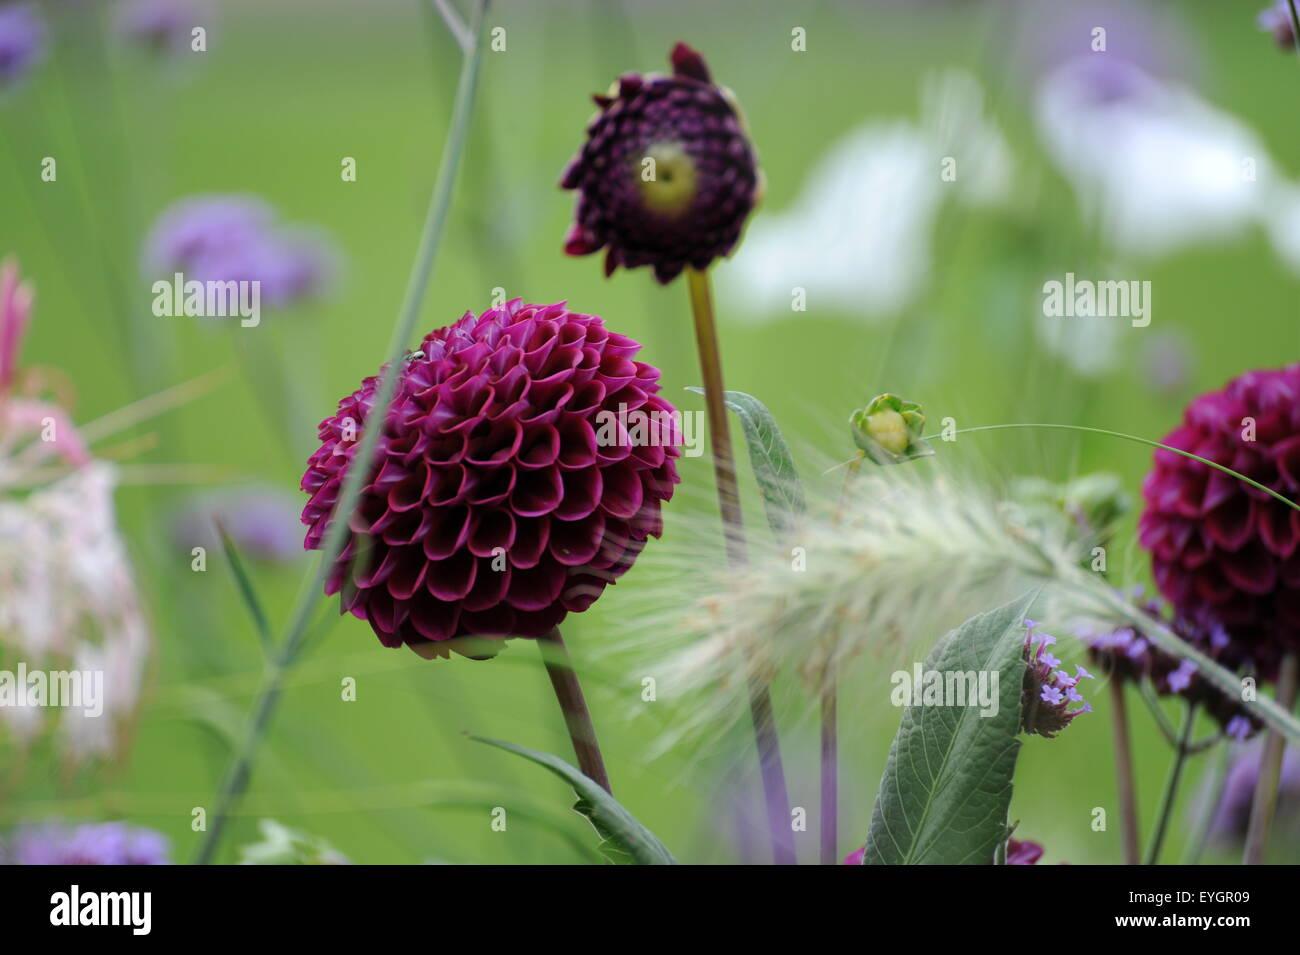 Hell und dunkel lila farbene Blumen auf grüner Wiese bunte Blumenwiese colorful flowers on green lawn - Stock Image